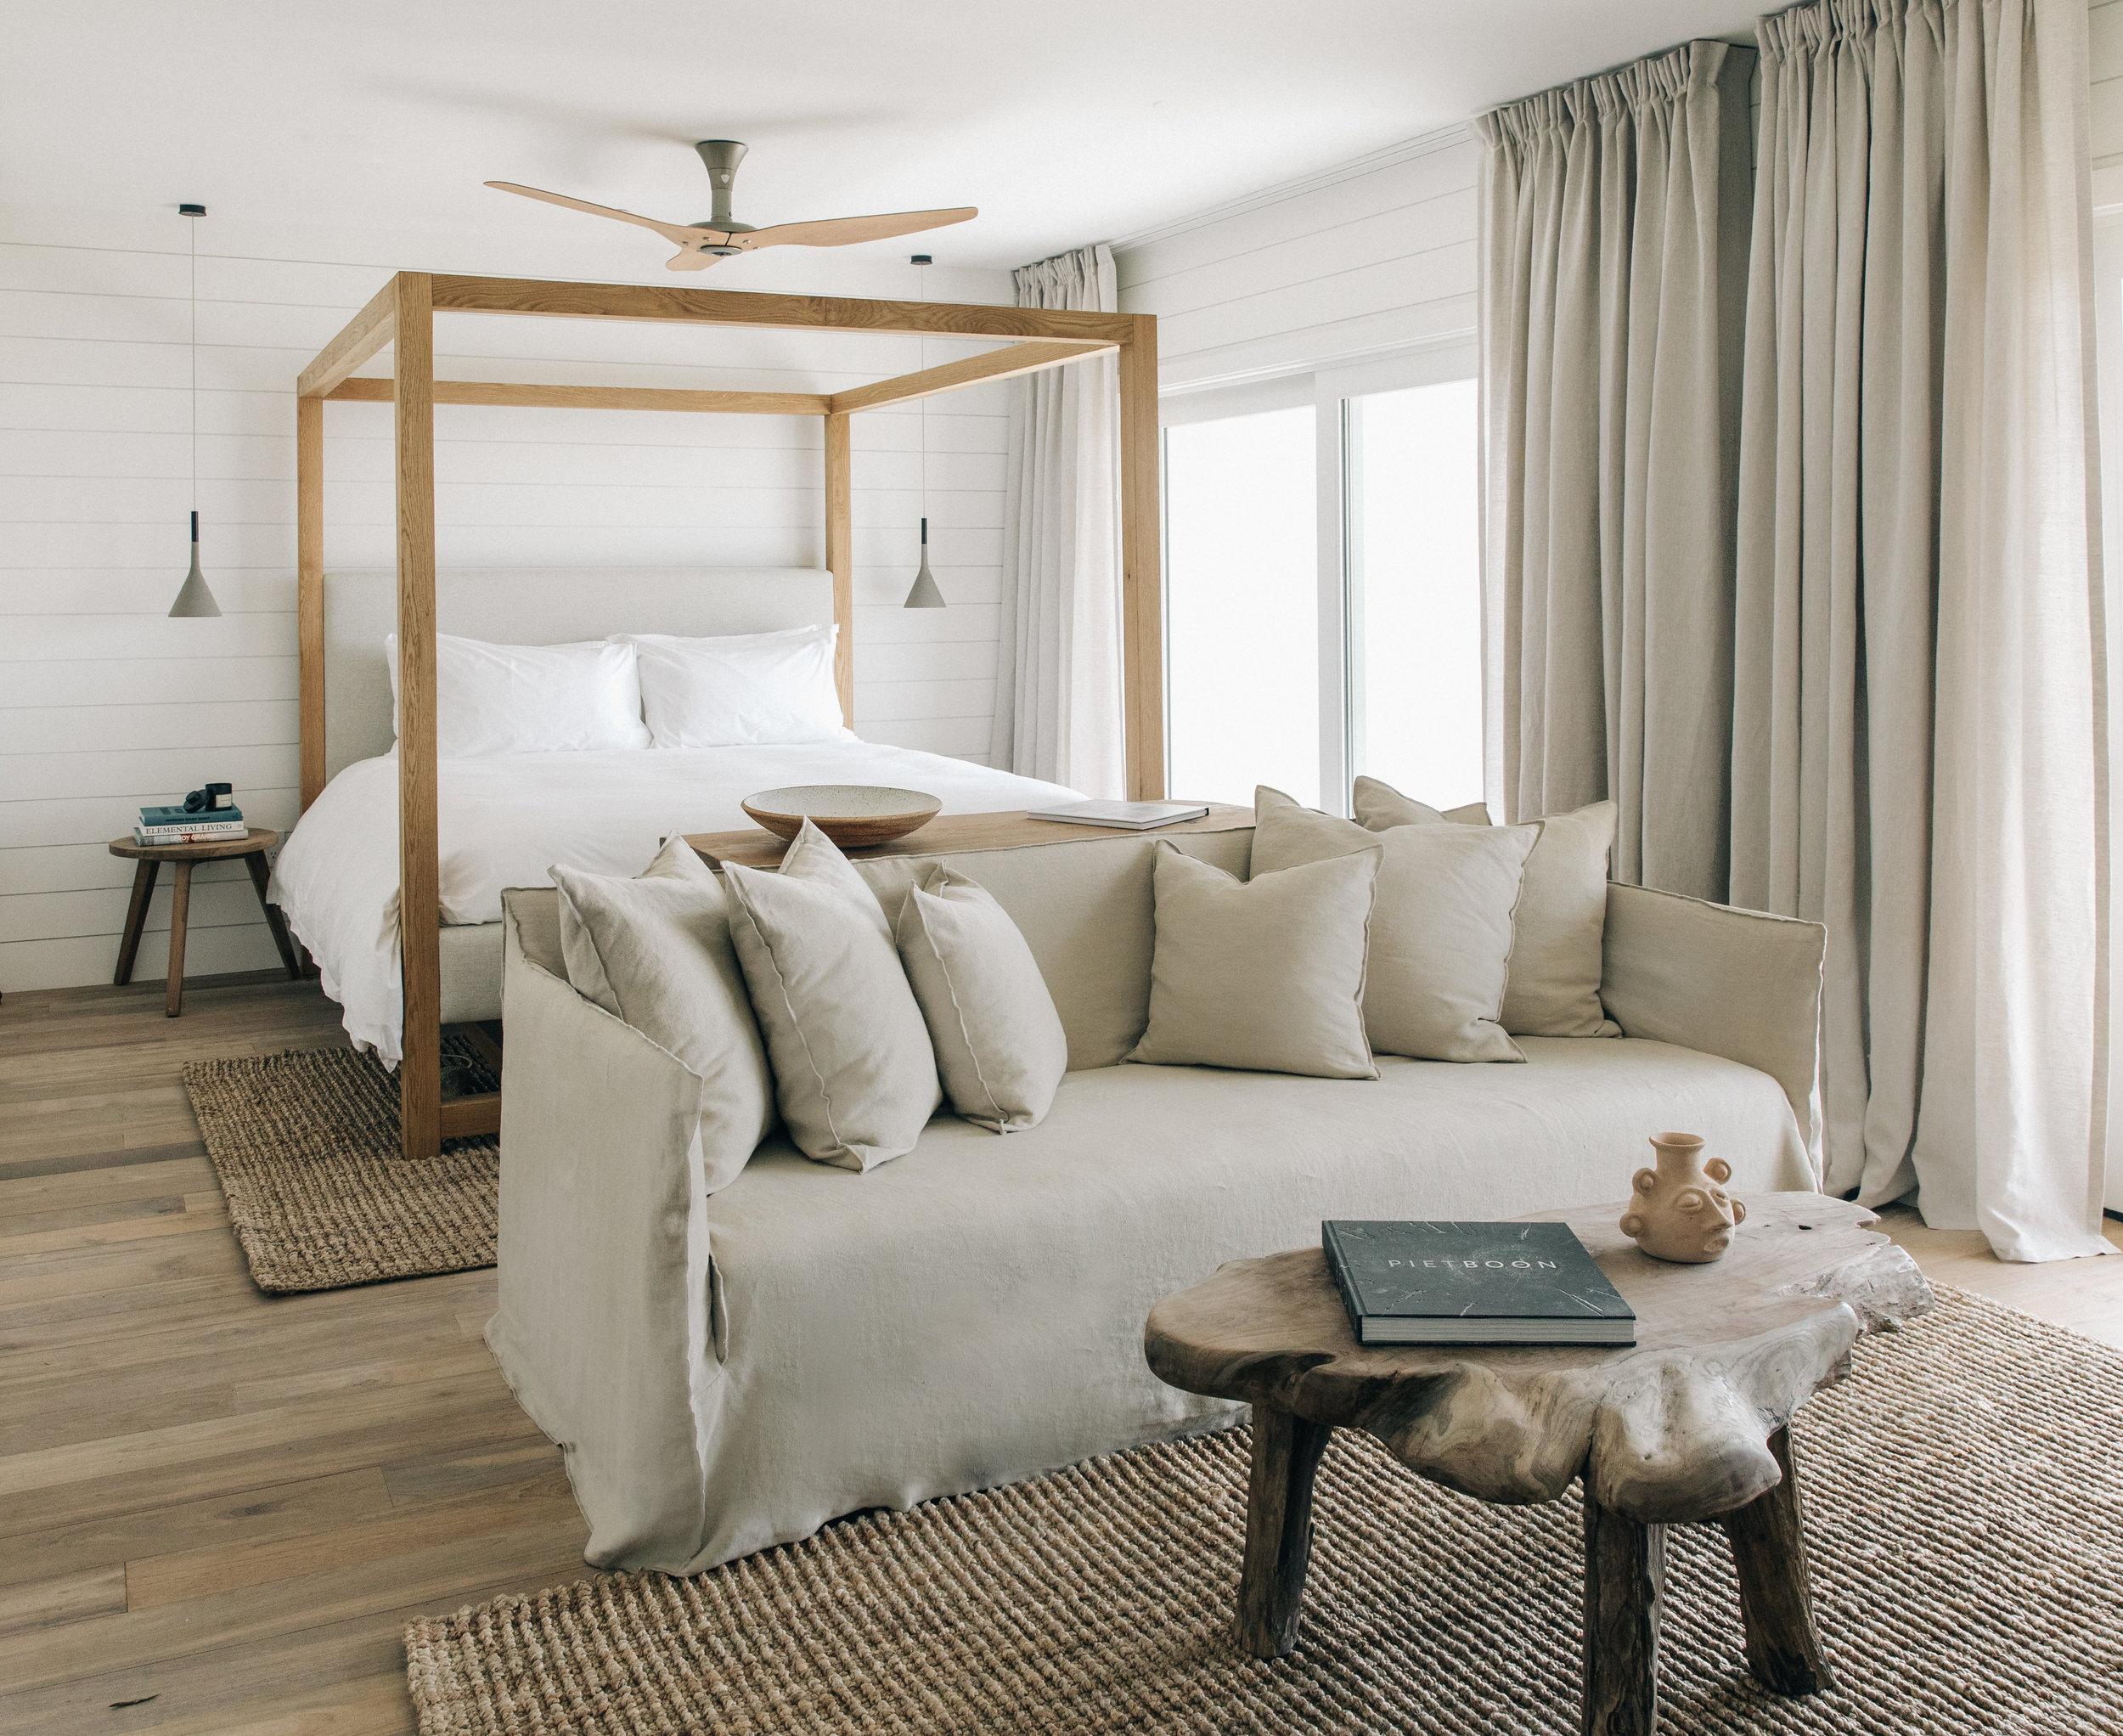 12. Surfrider Suite Custom California King Bed - M. K. SADLER (1).jpg